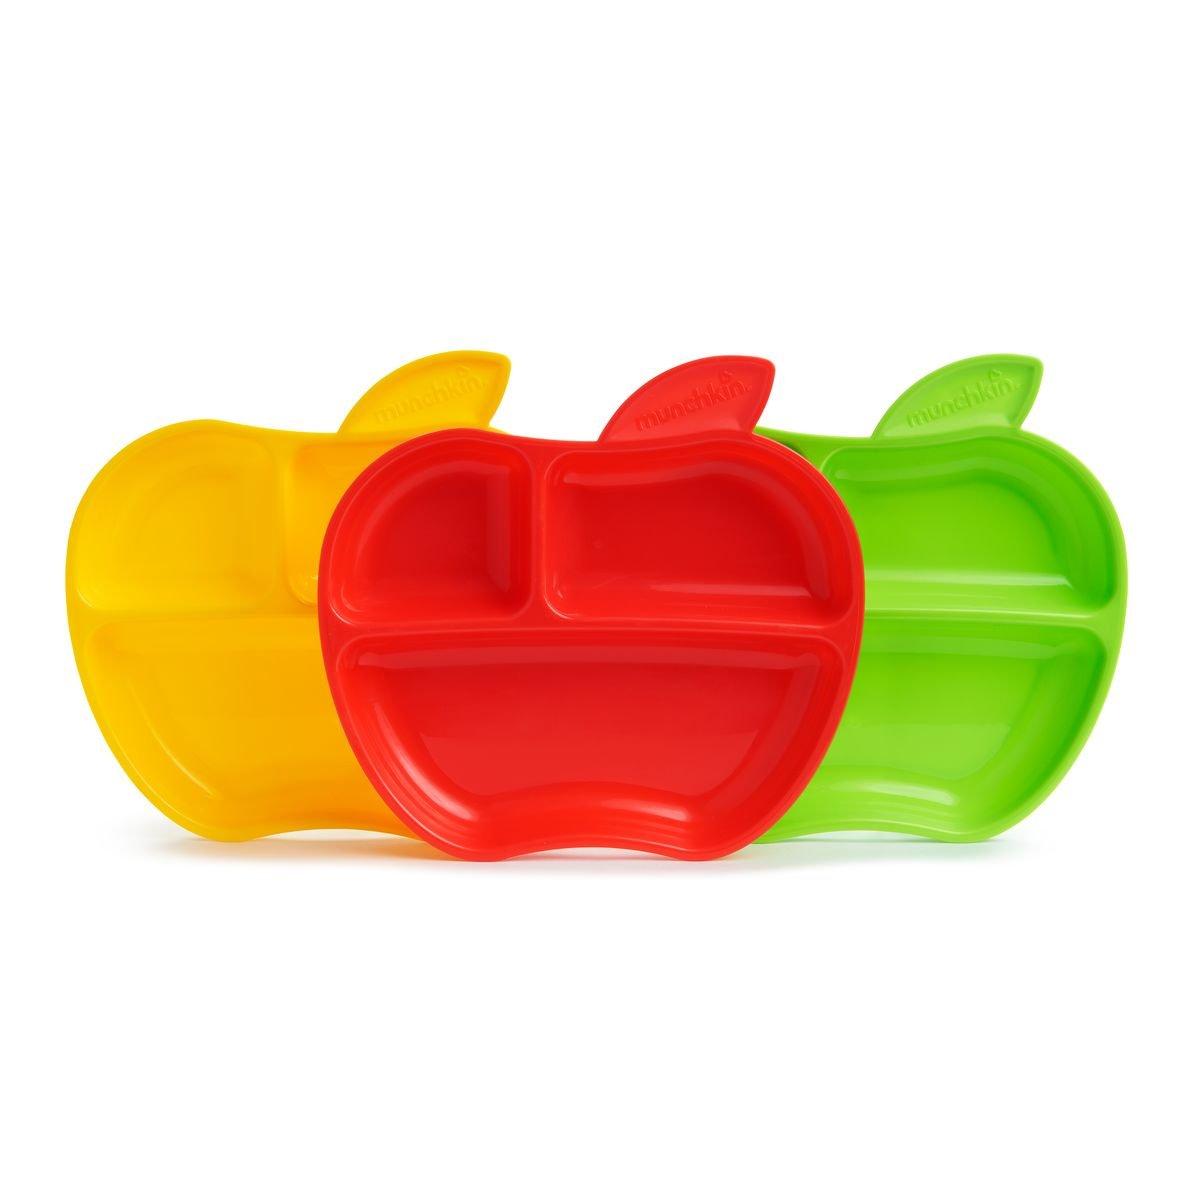 Munchkin Tellerchen in Apfelform, 3er-Pack, mehrfarbig Munchkin Asia Limited 012102WWW